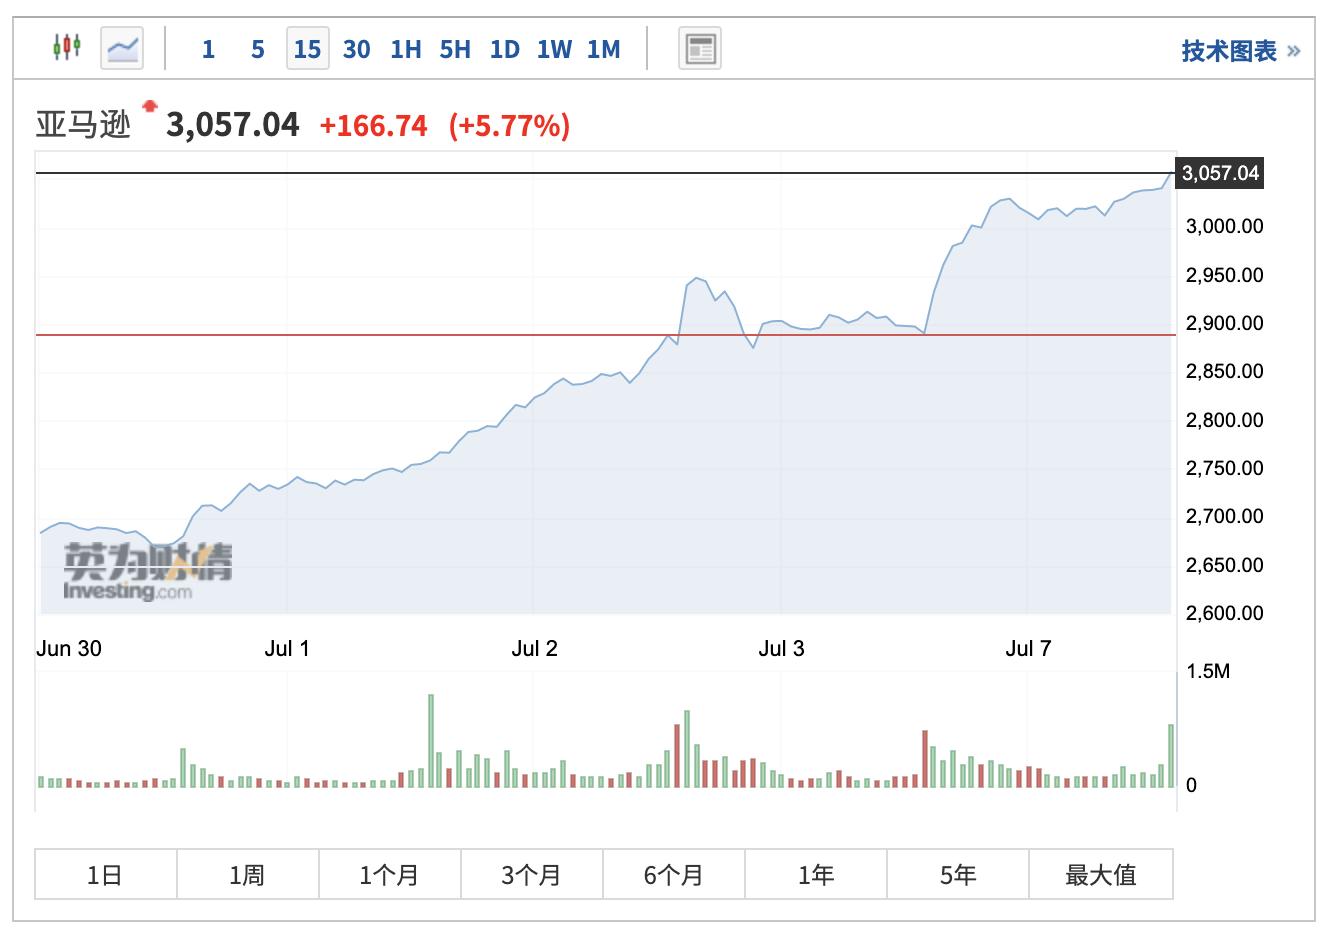 亚马逊股价首次站上3000美元 多头:仍不算贵 至少能涨到3500